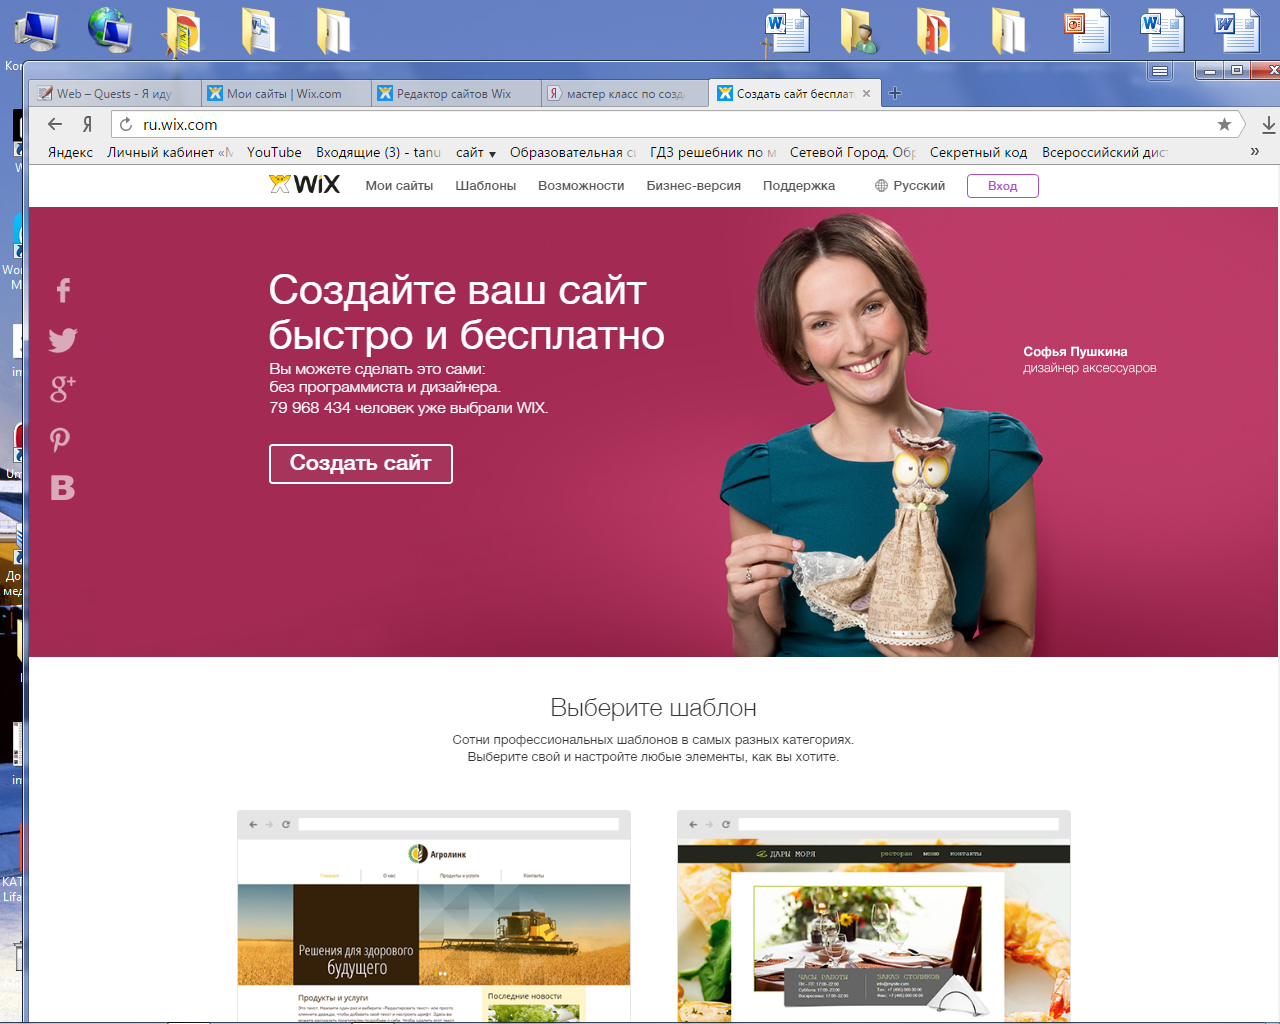 Создание сайтов на win bitrix сделать интернет магазин